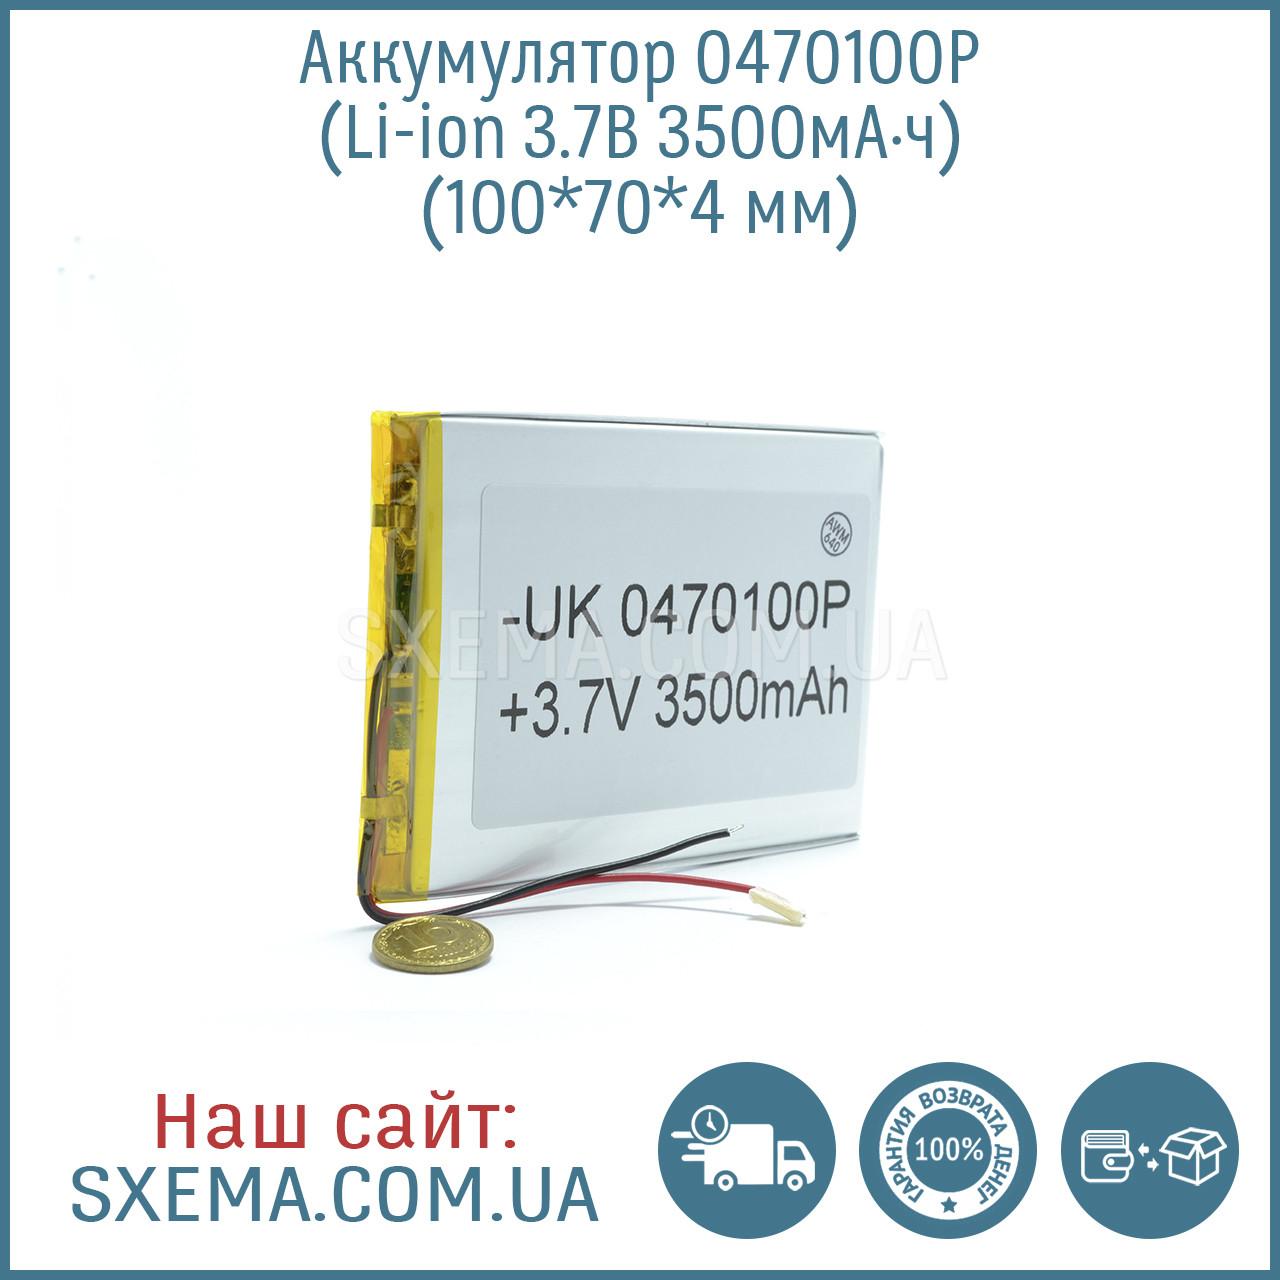 Аккумулятор универсальный 0470100  (Li-ion 3.7В 3500мА·ч), (100*70*4 мм)